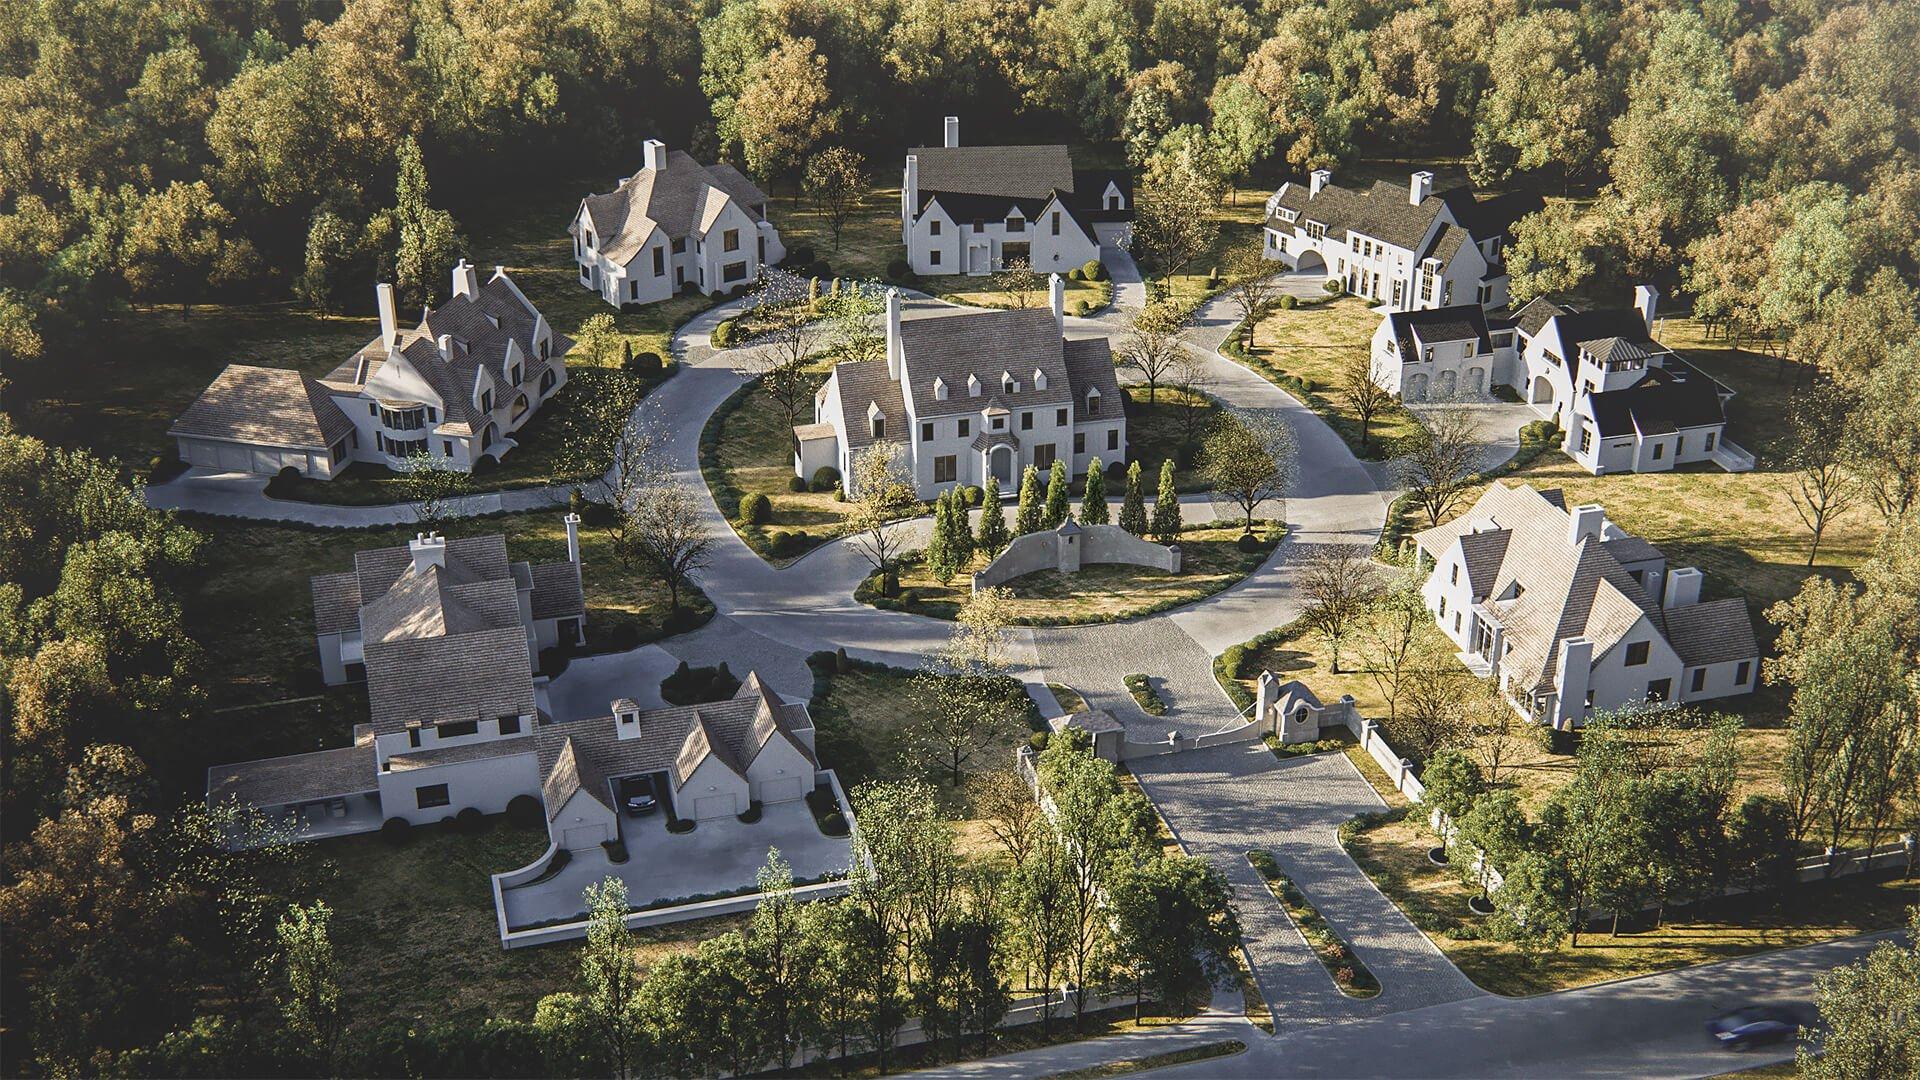 3D Exterior Visualization of a Residential Neigbourhood